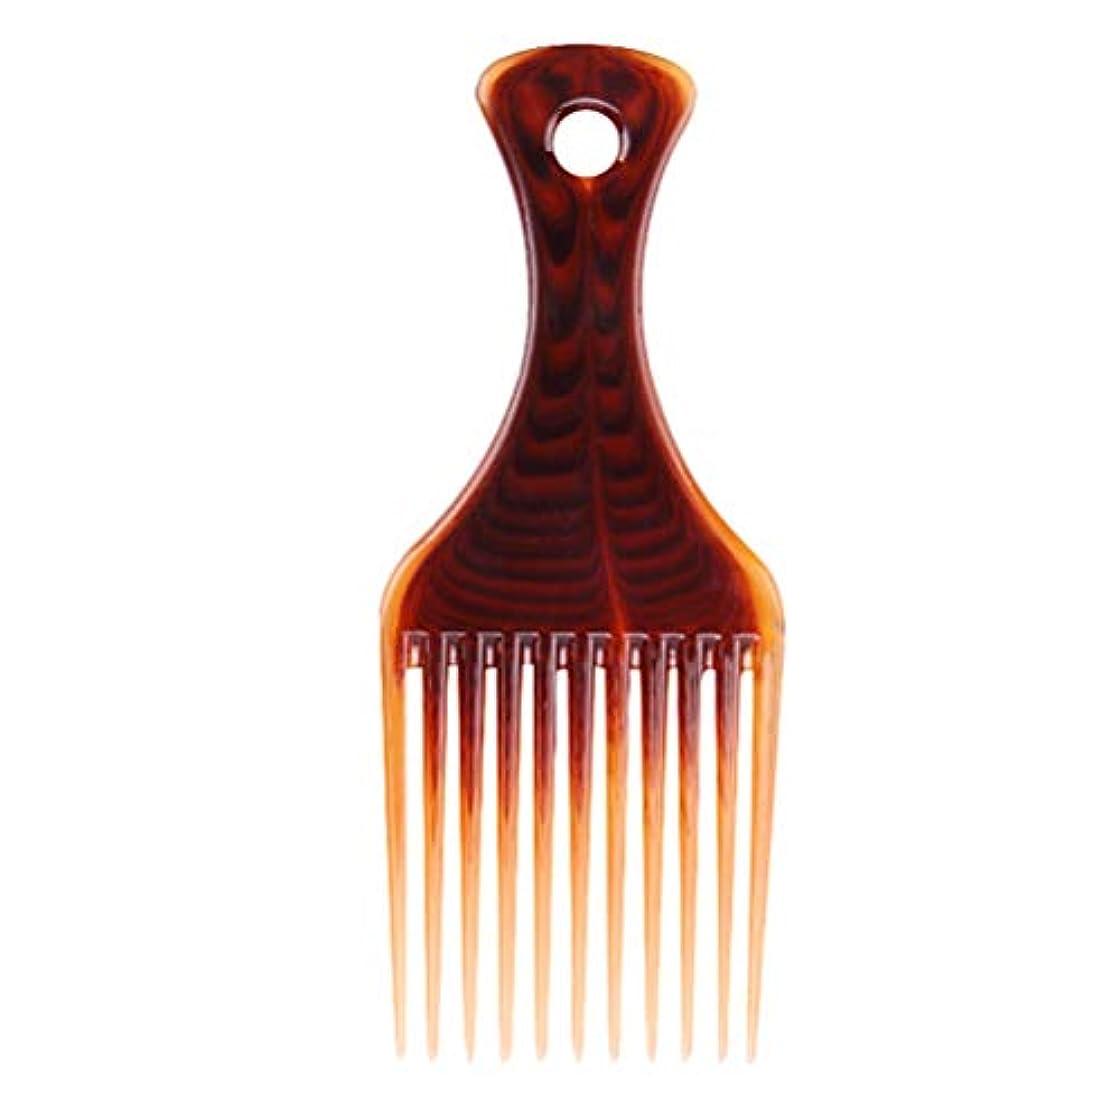 命題包帯財政HEALIFTY プラスチック広い歯の櫛サロンブラシスタイリング理髪髪フォークピッキング櫛